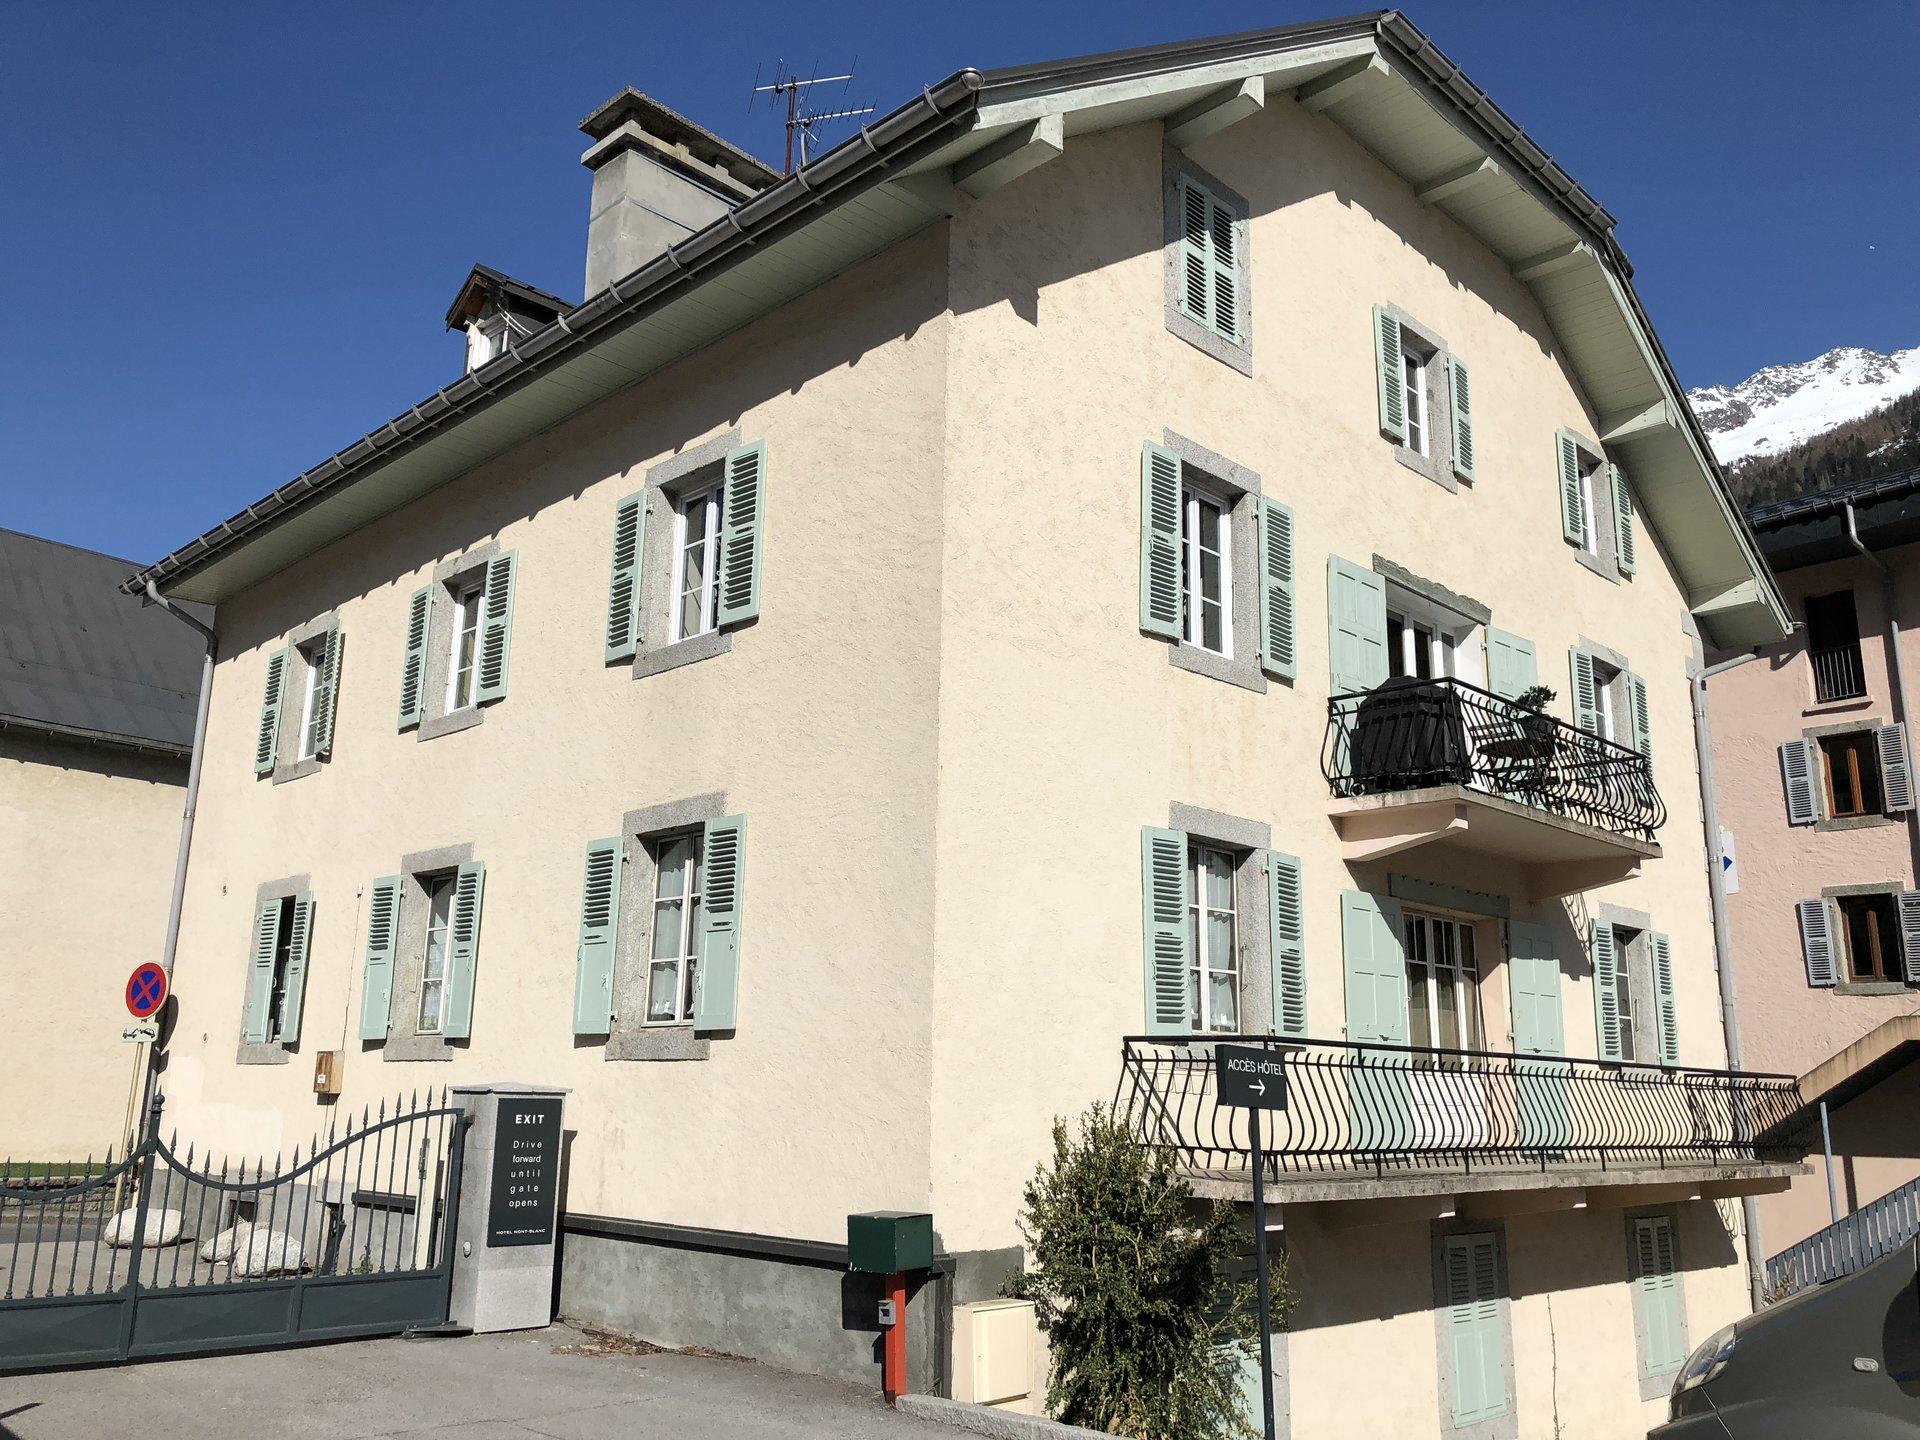 3 bedroom apartment, Chamonix Centre